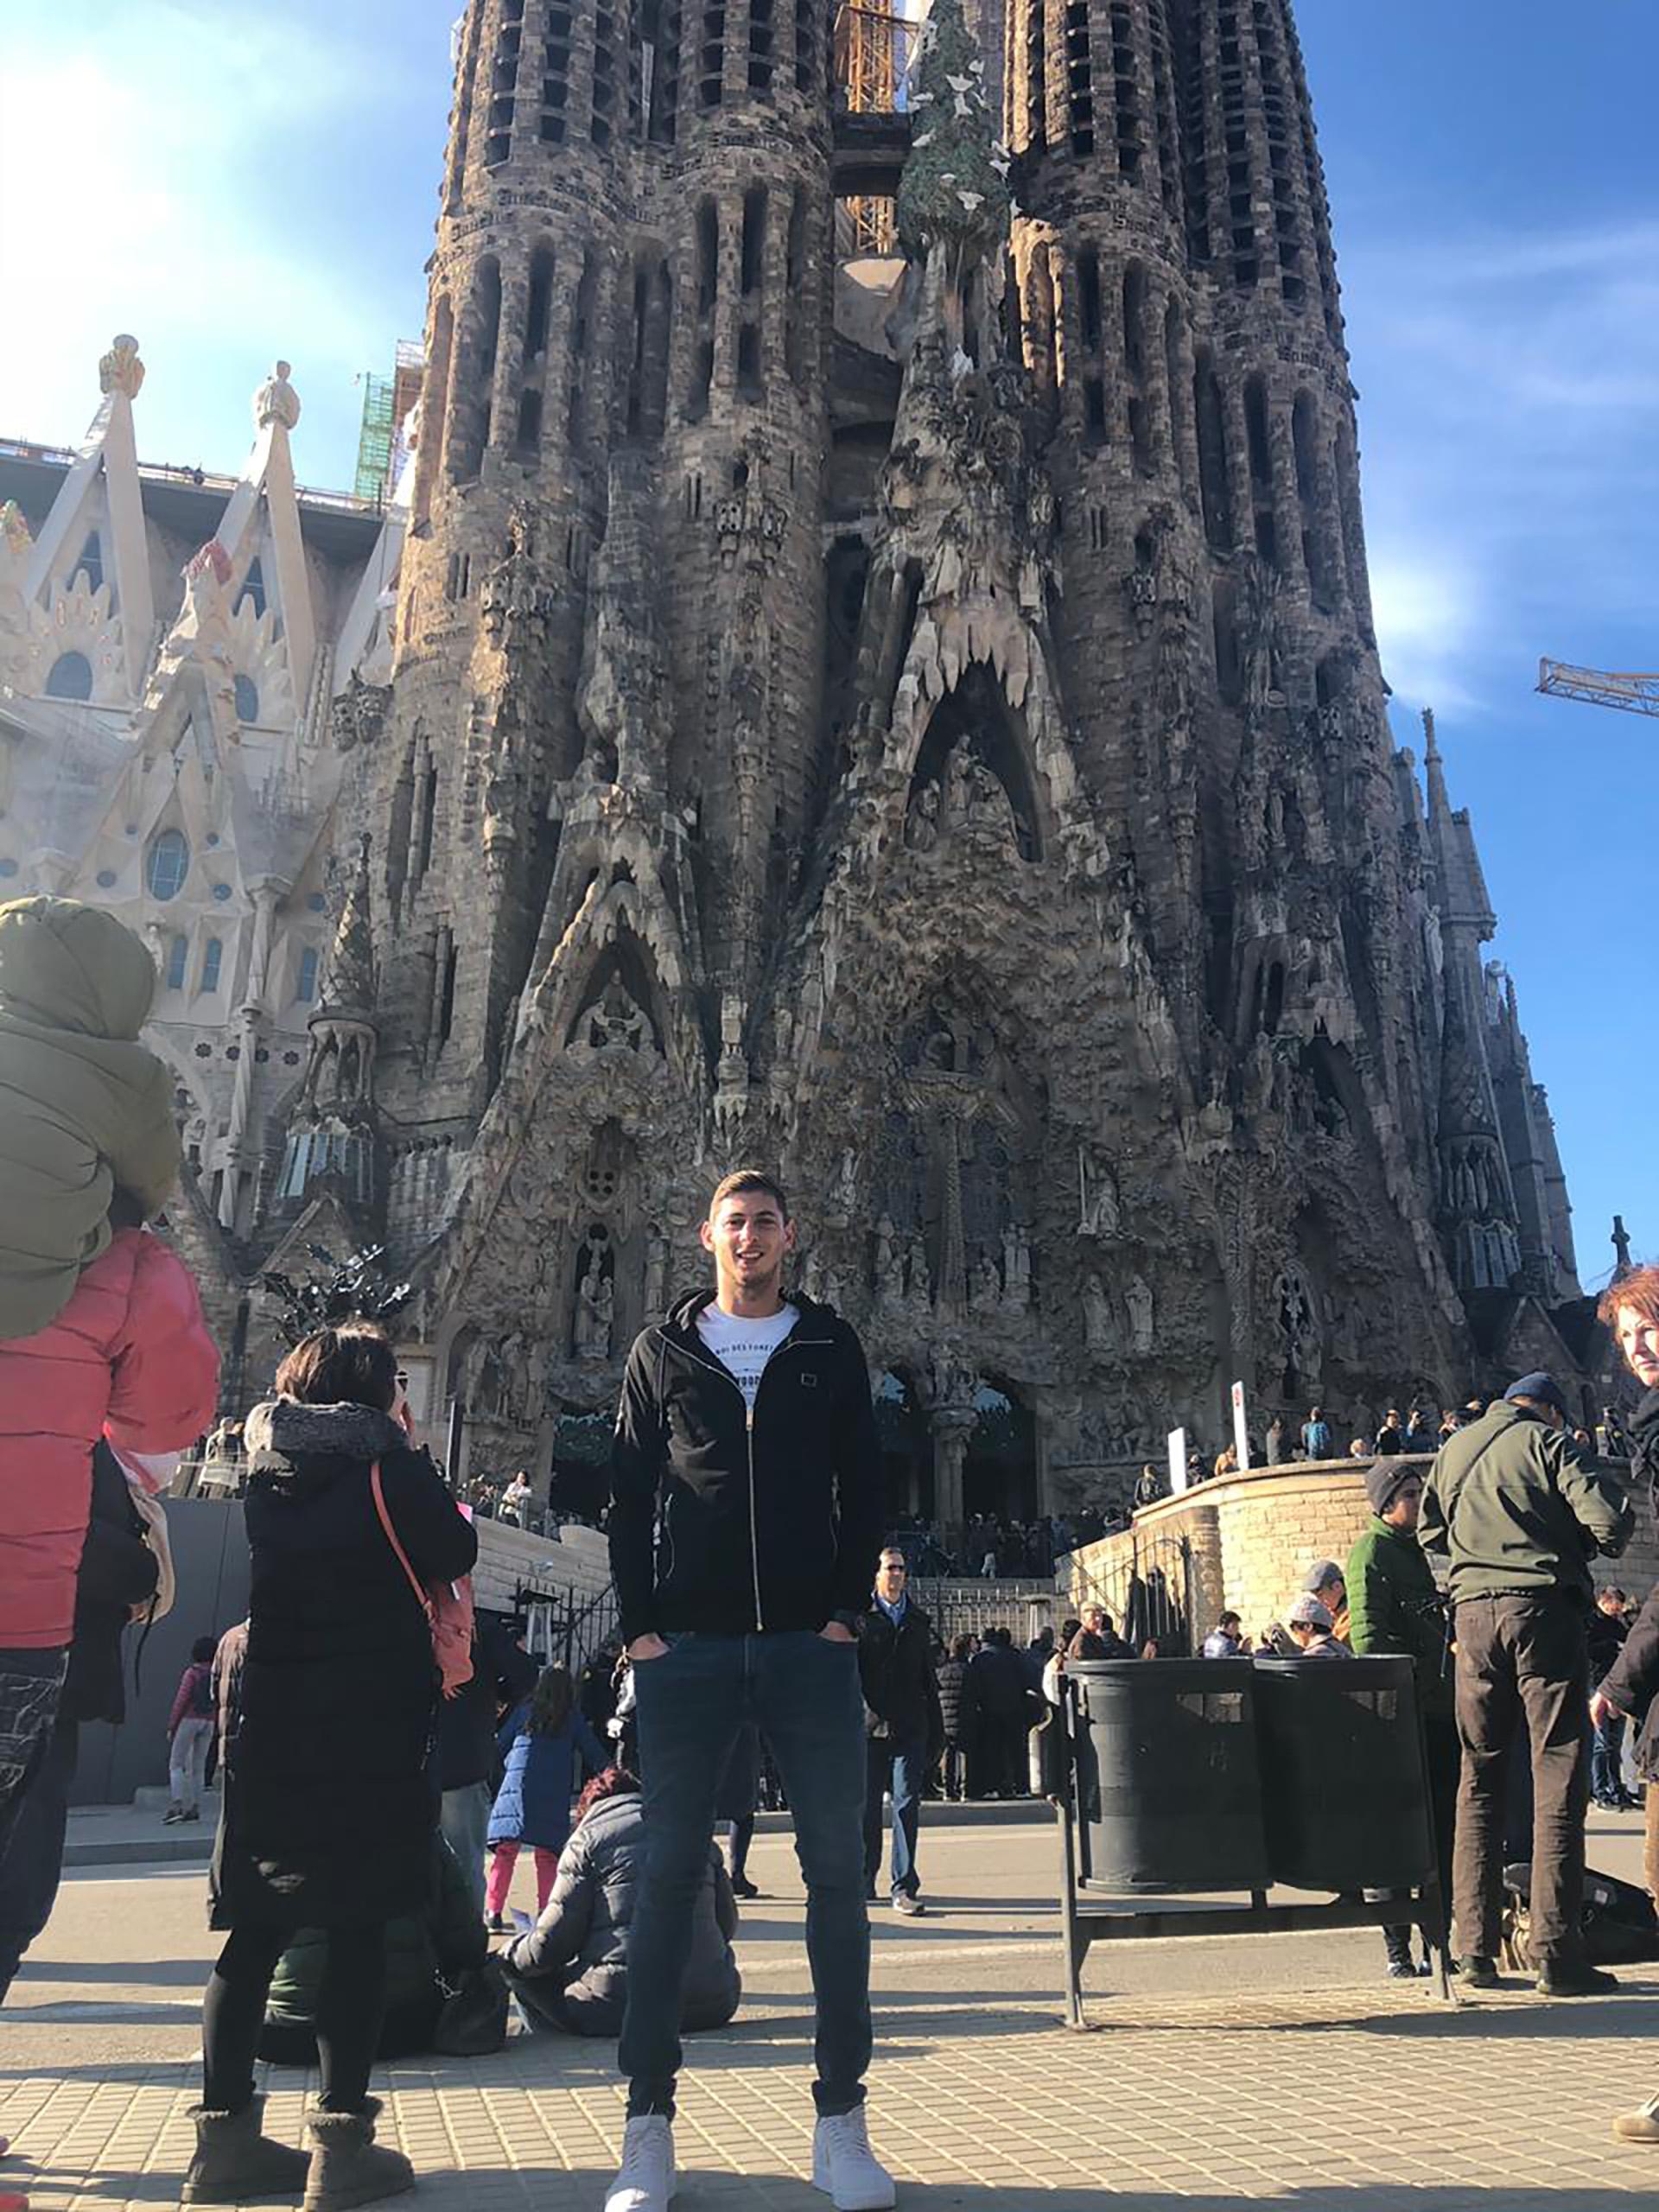 Consagrado en Europa, también tenía tiempo de tomarse unas vacaciones para visitar la Sagrada Familia de Barcelona